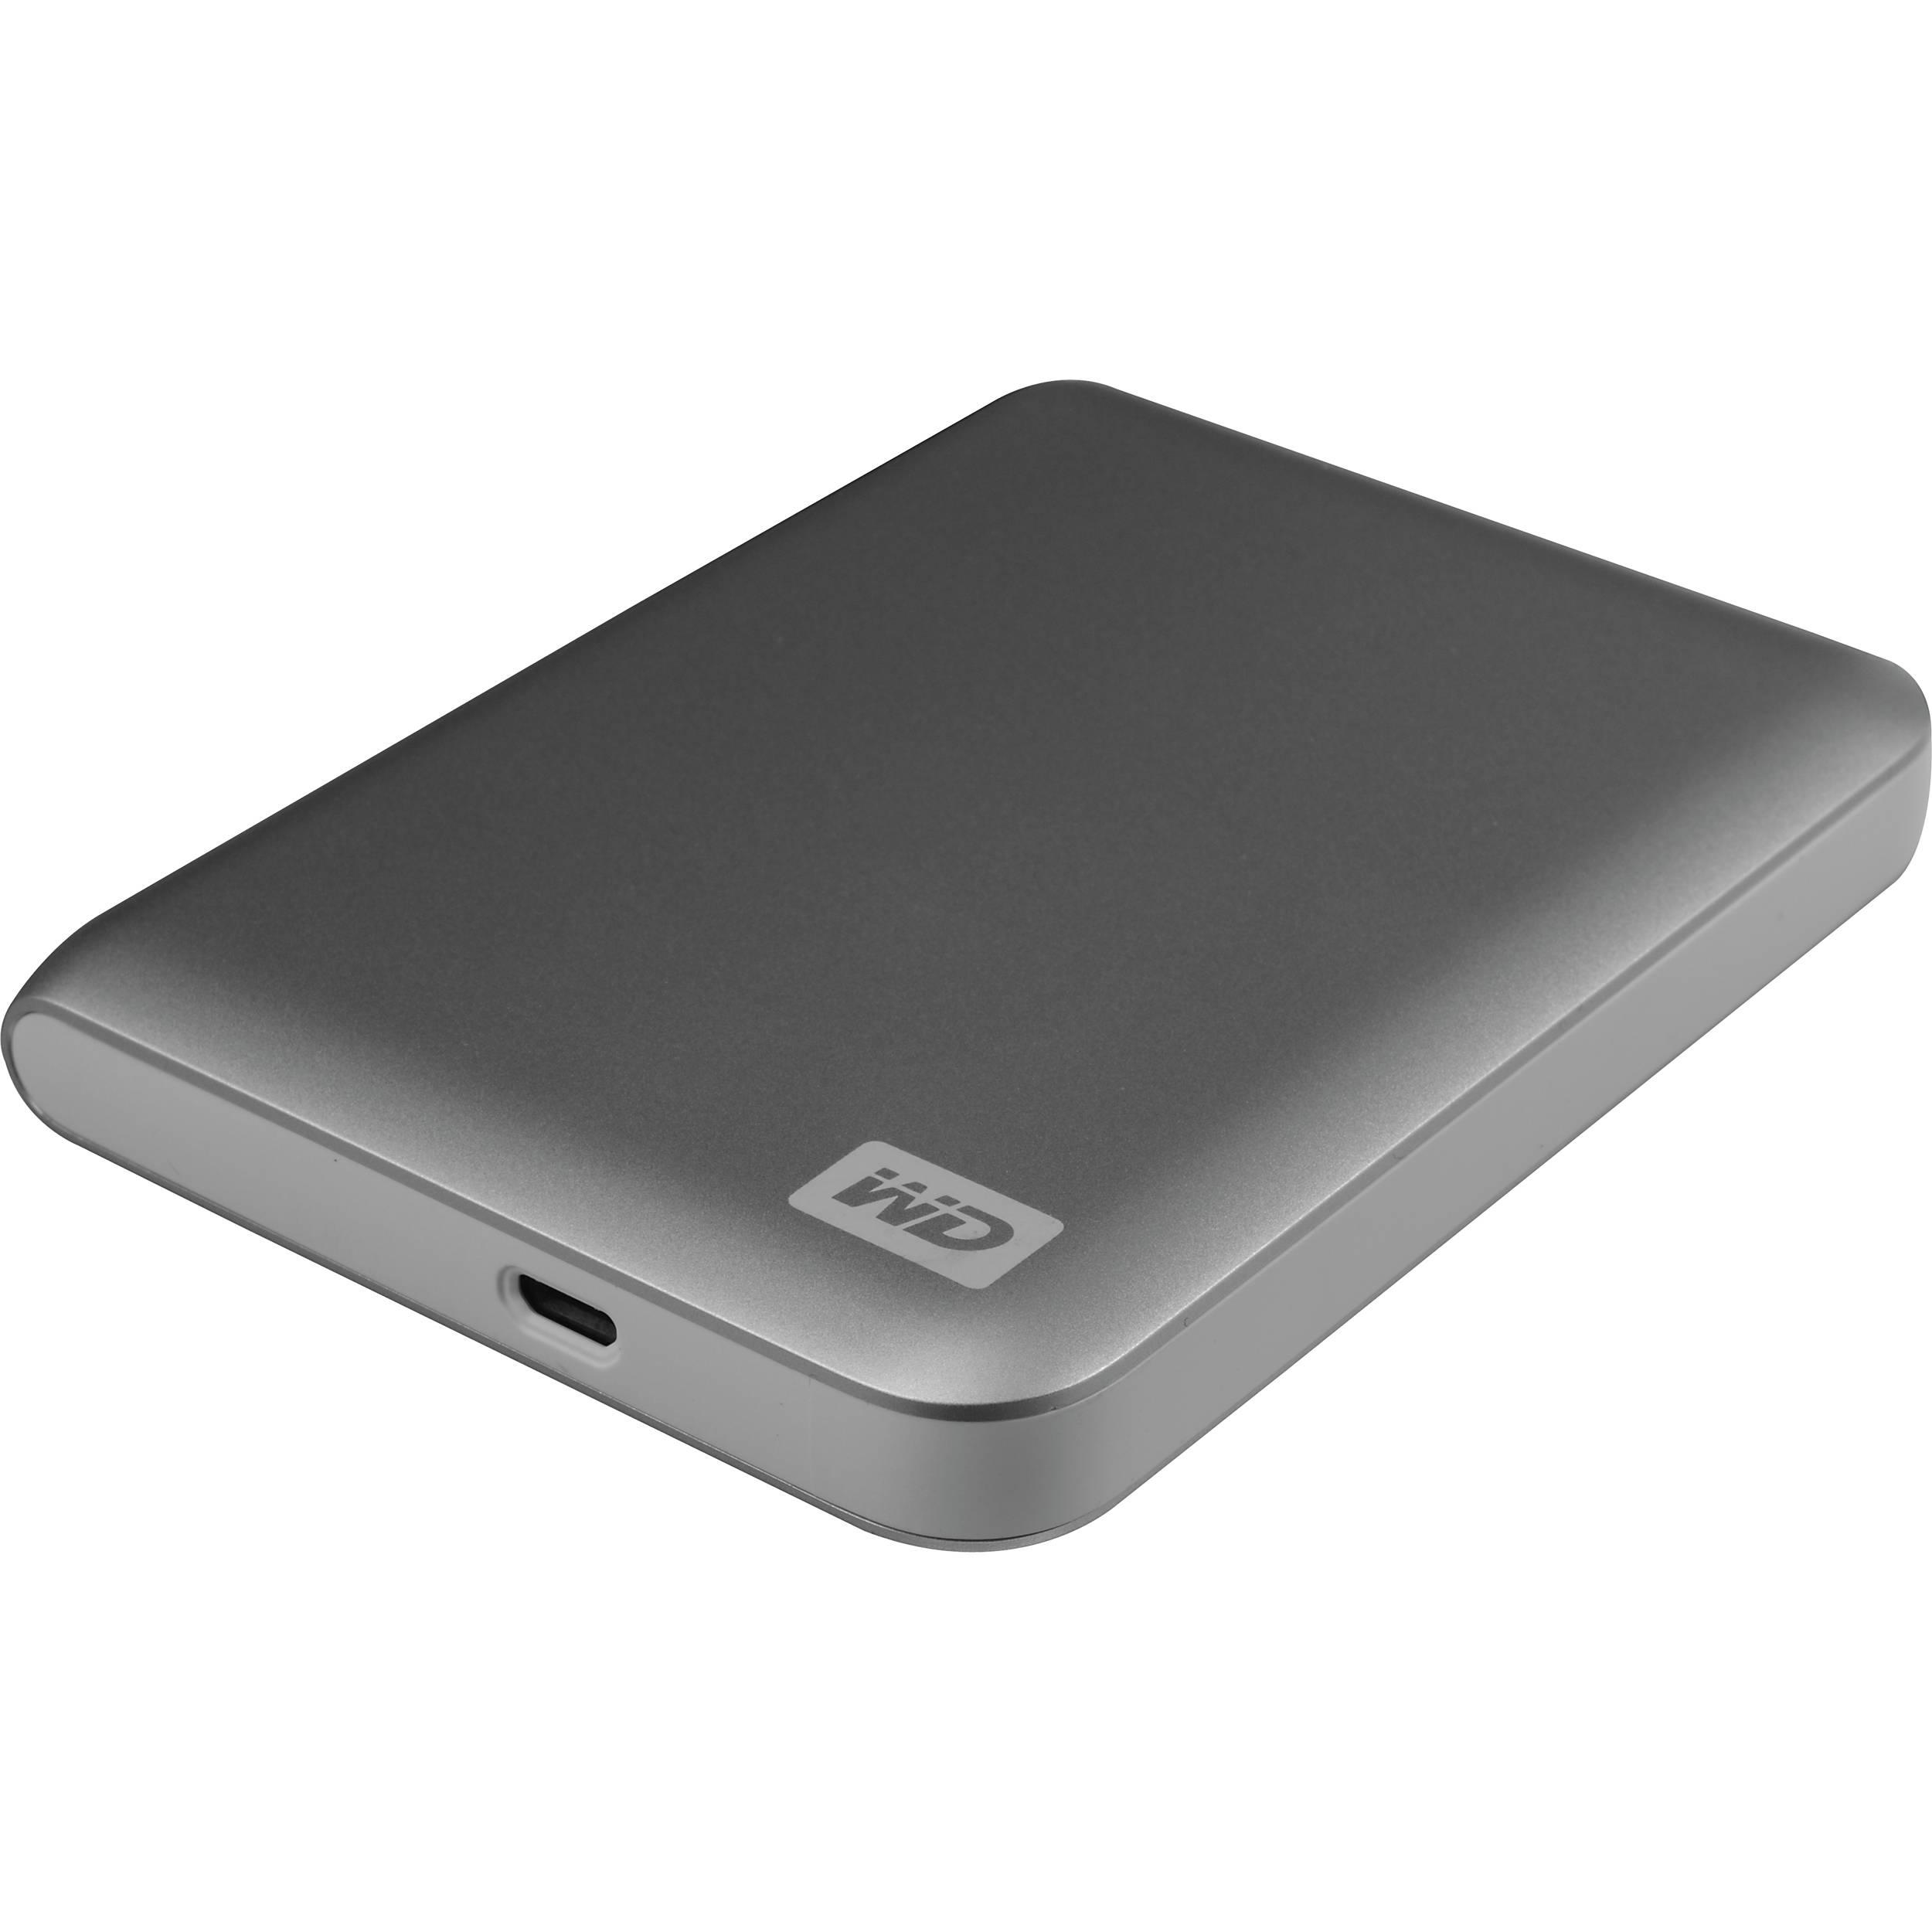 Western Digital My Passport Essential Unidad de disco duro externa - HDD 320 GB USB 3.0